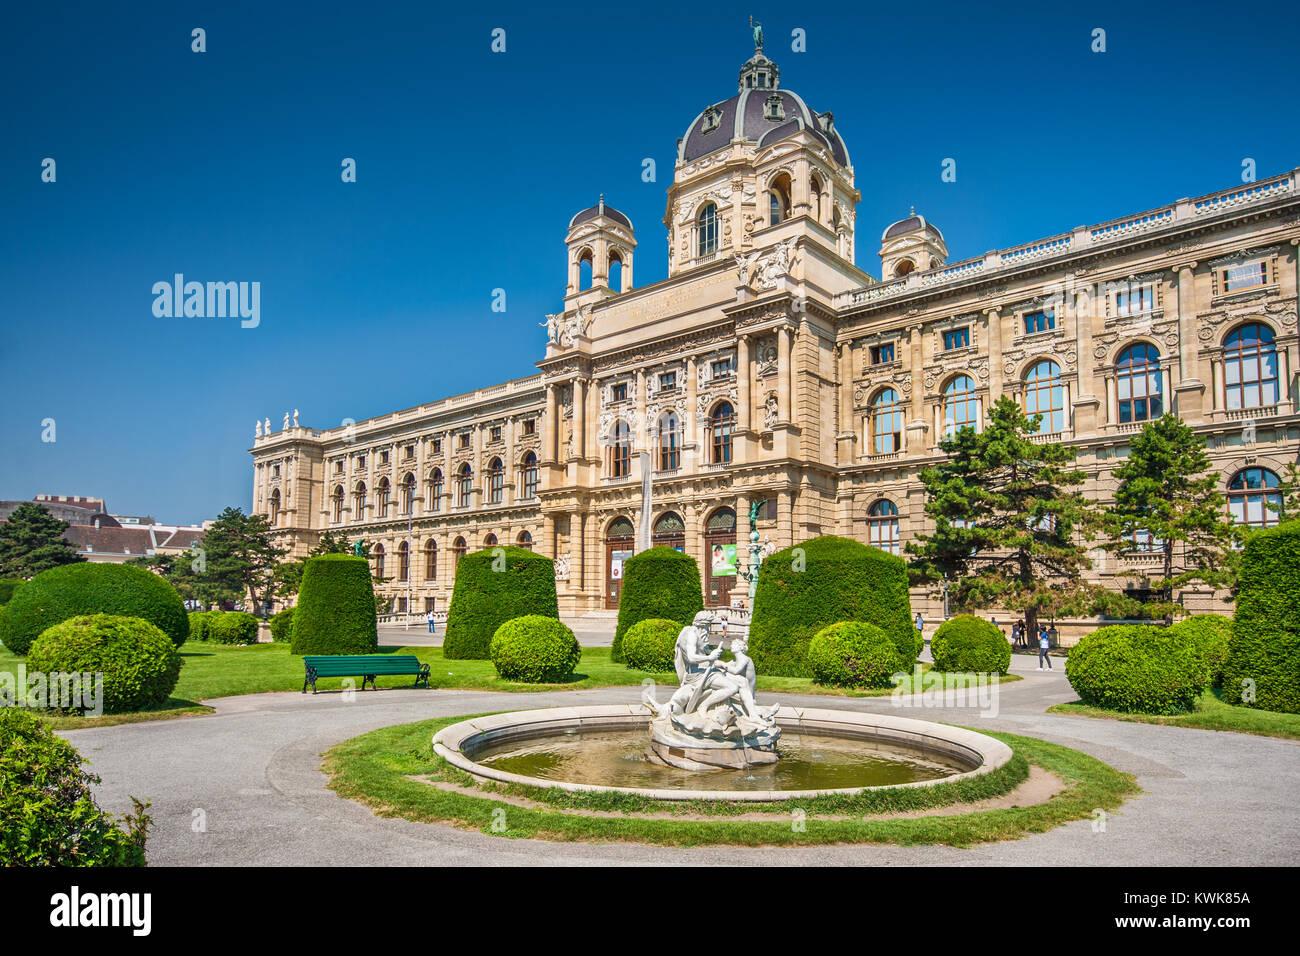 Belle vue sur célèbre Naturhistorisches Museum (Musée d'Histoire Naturelle) avec parc et la sculpture Photo Stock